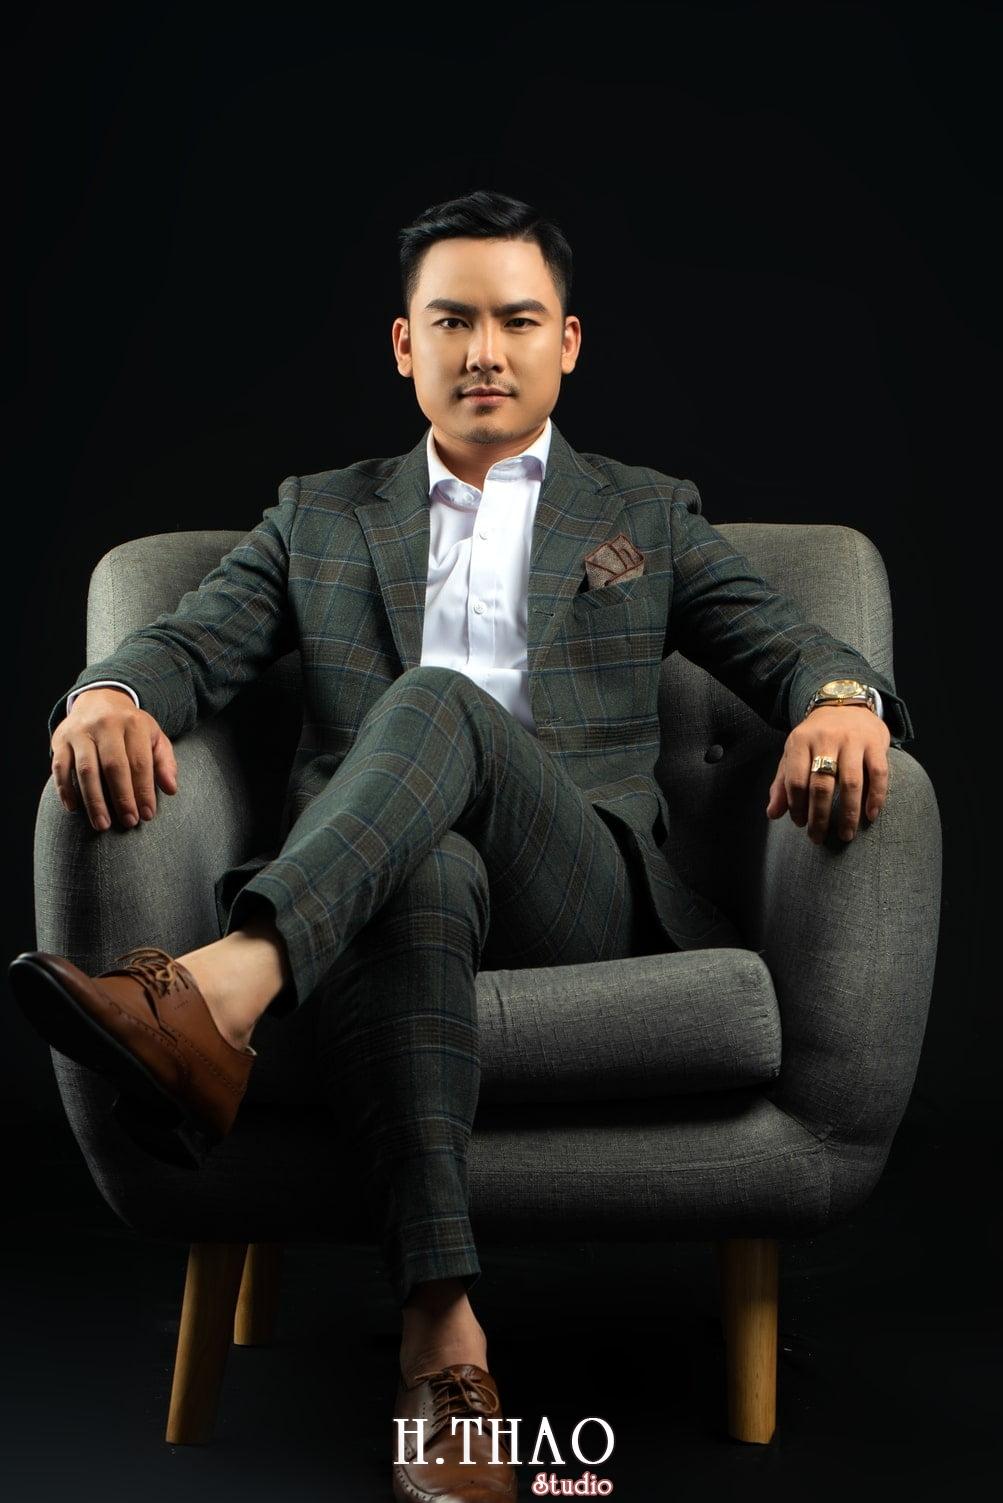 Anh Doanh nhan 40 - Ảnh doanh nhân, CEO & Founder PFT Academy Mr.Tuan Anh – HThao Studio